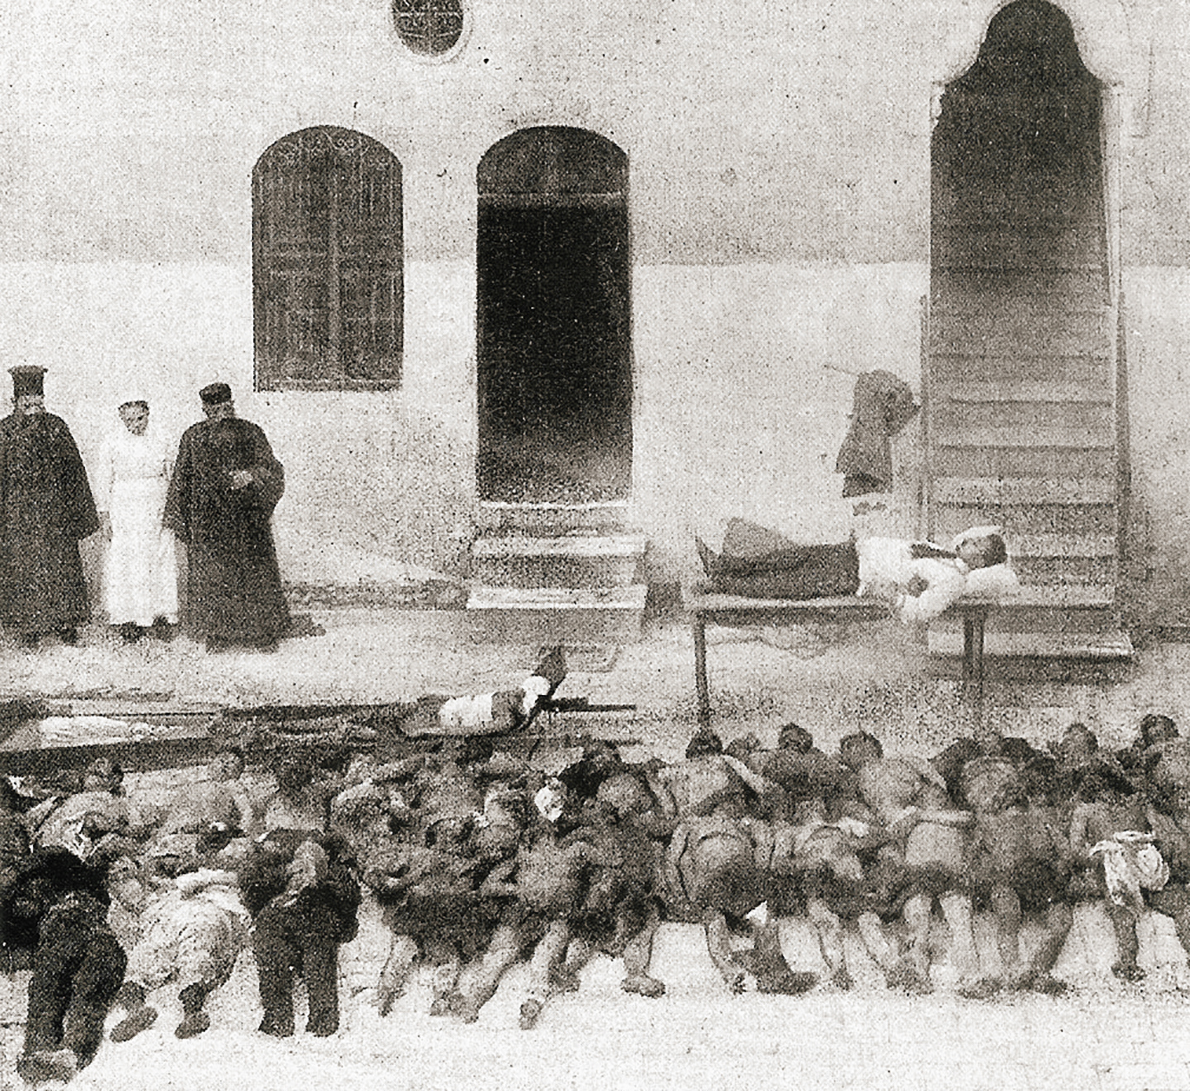 Massacre du 28 février 1919 à Alep, en Syrie